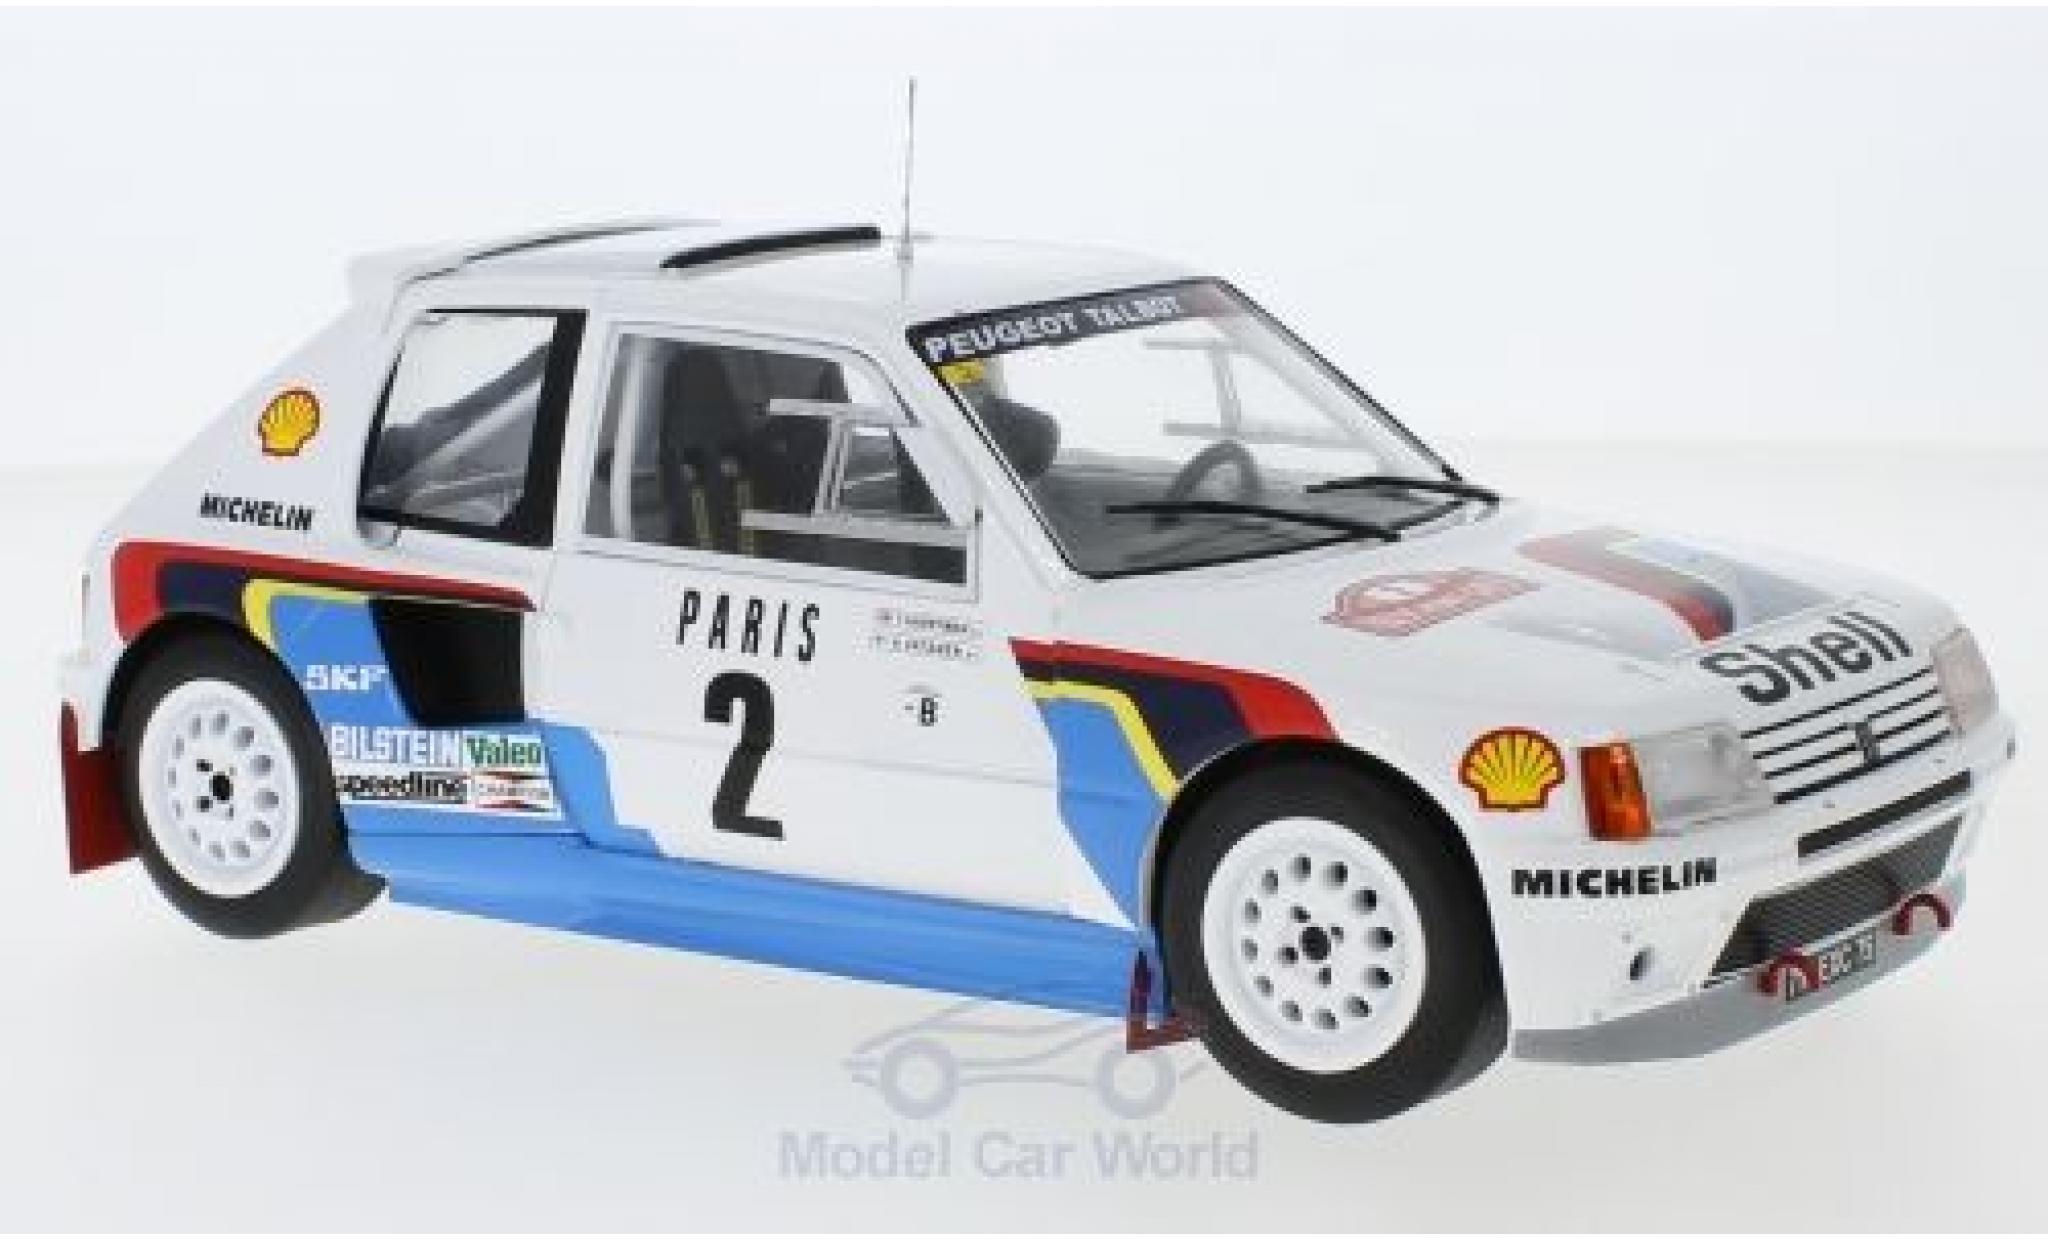 Peugeot 205 1/18 IXO T16 No.2 Rallye WM Rallye Monte Carlo 1985 A.Vatanen/T.Harryman